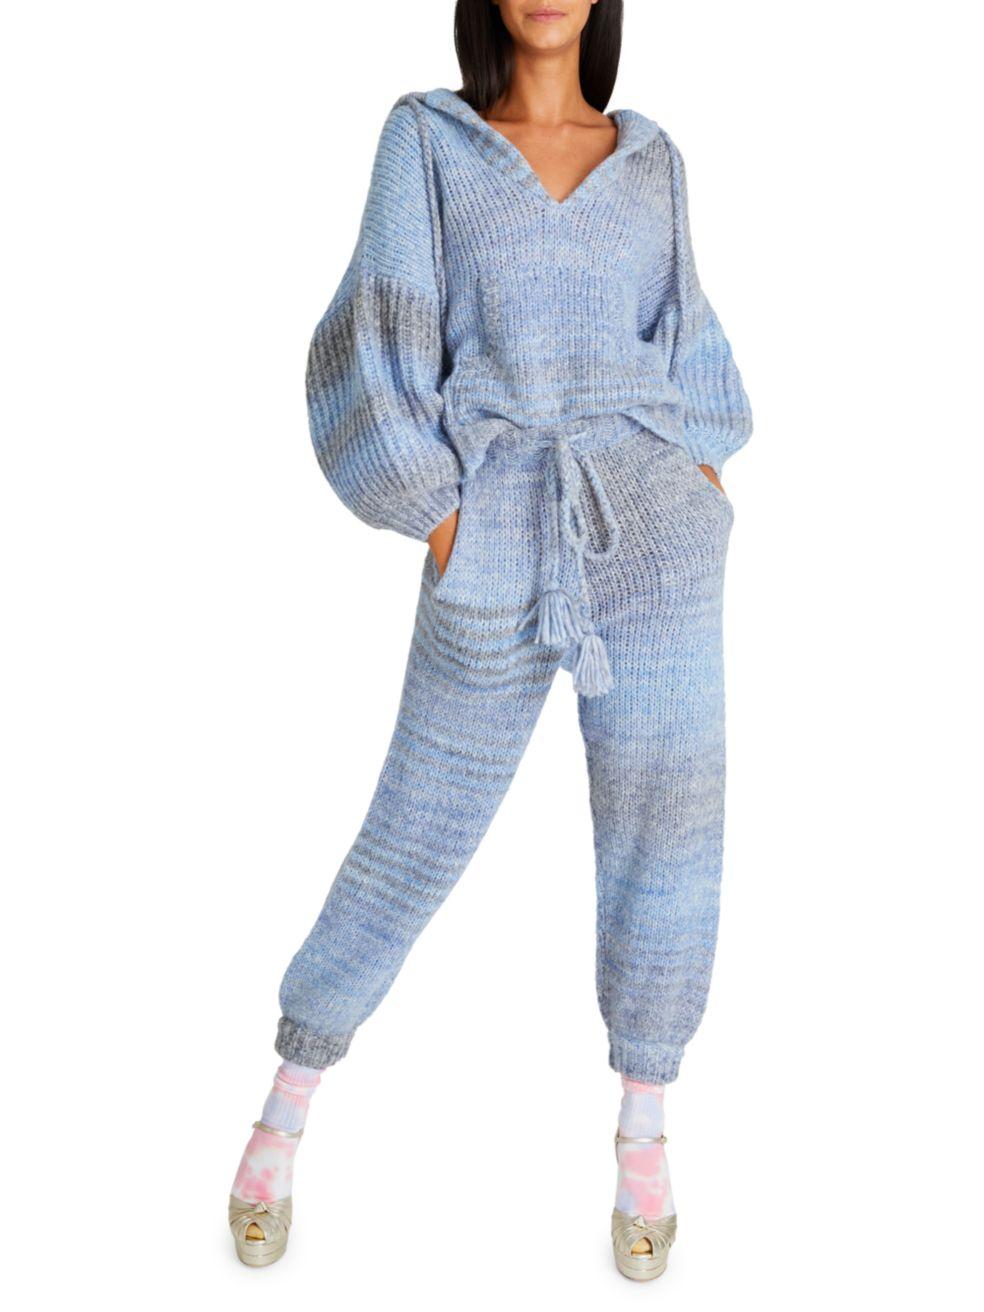 LoveShackFancy Blossom Merino Wool Knit Joggers | SaksFifthAvenue